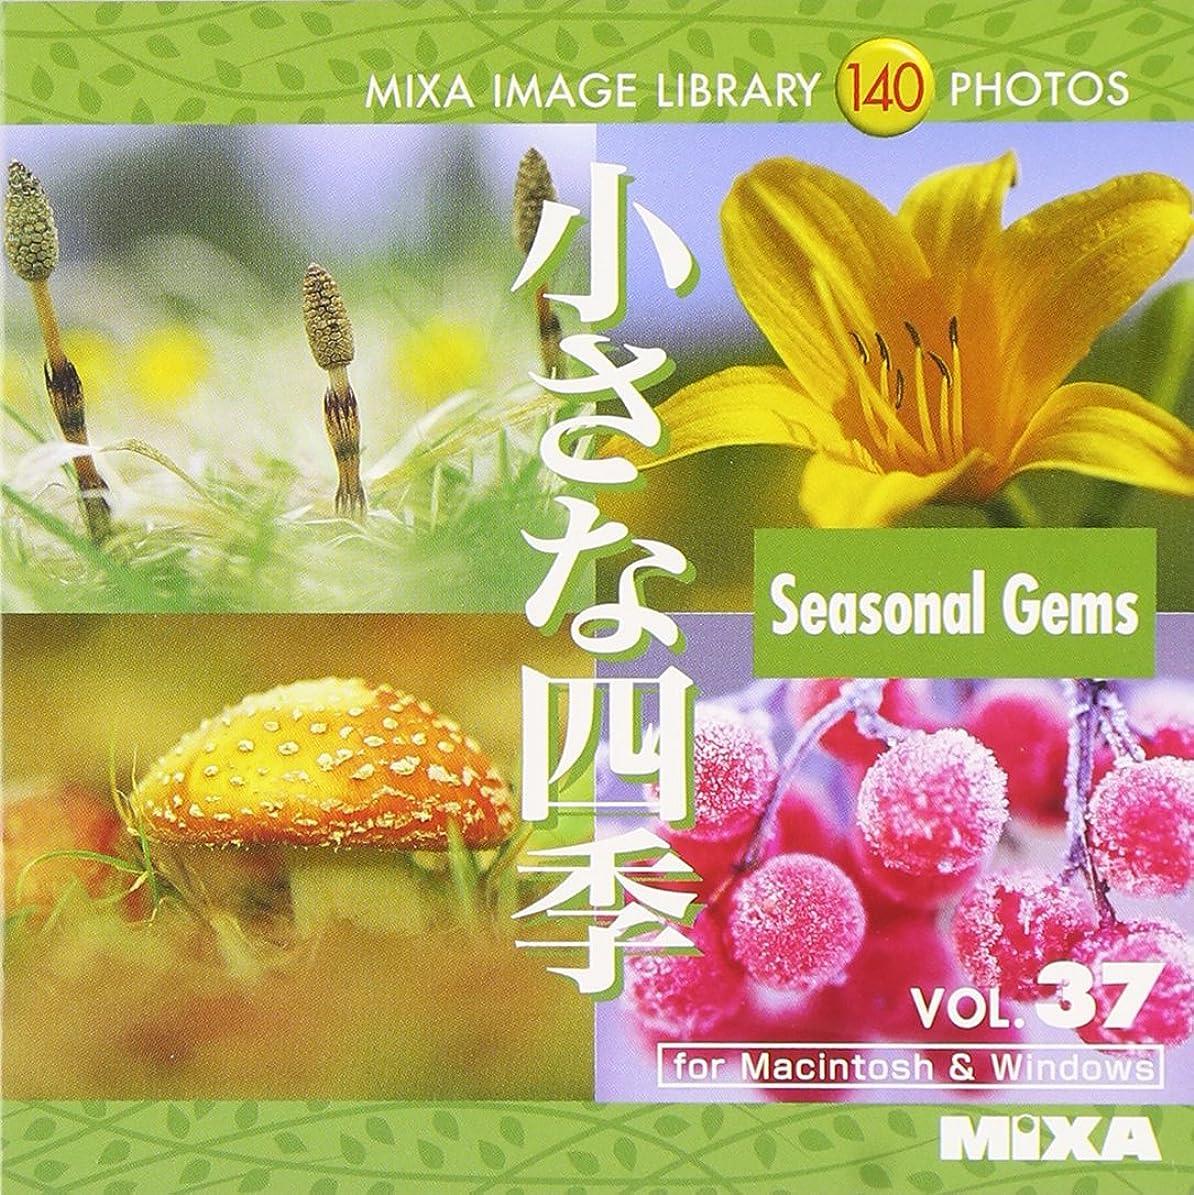 破産分子キャロラインMIXA Image Library Vol.37「小さな四季」